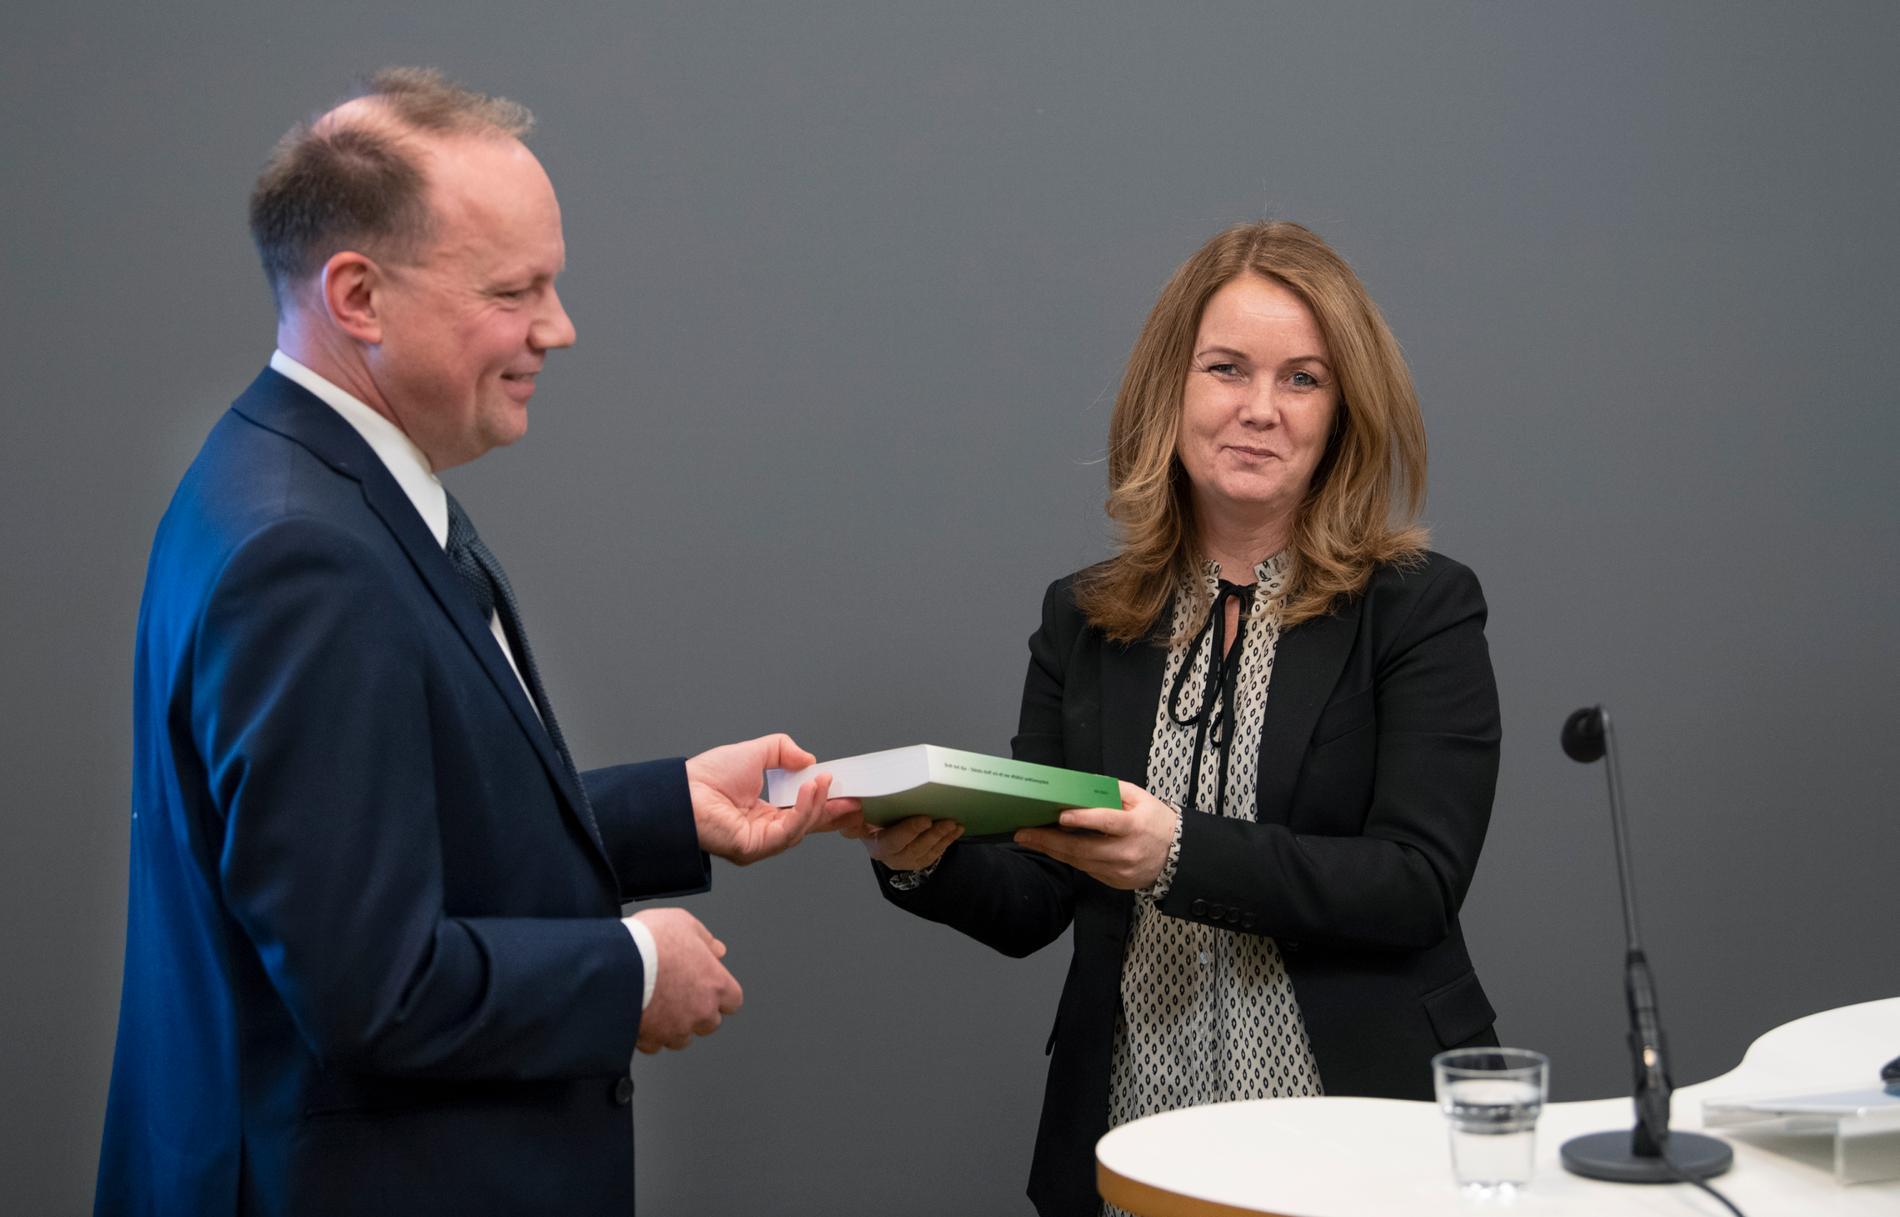 Landsbygdsminister Jennie Nilsson (S) är inte ovillig att höja straffen för grovt djurplågeri som utredaren Lars Wallinder föreslår. Arkivbild.